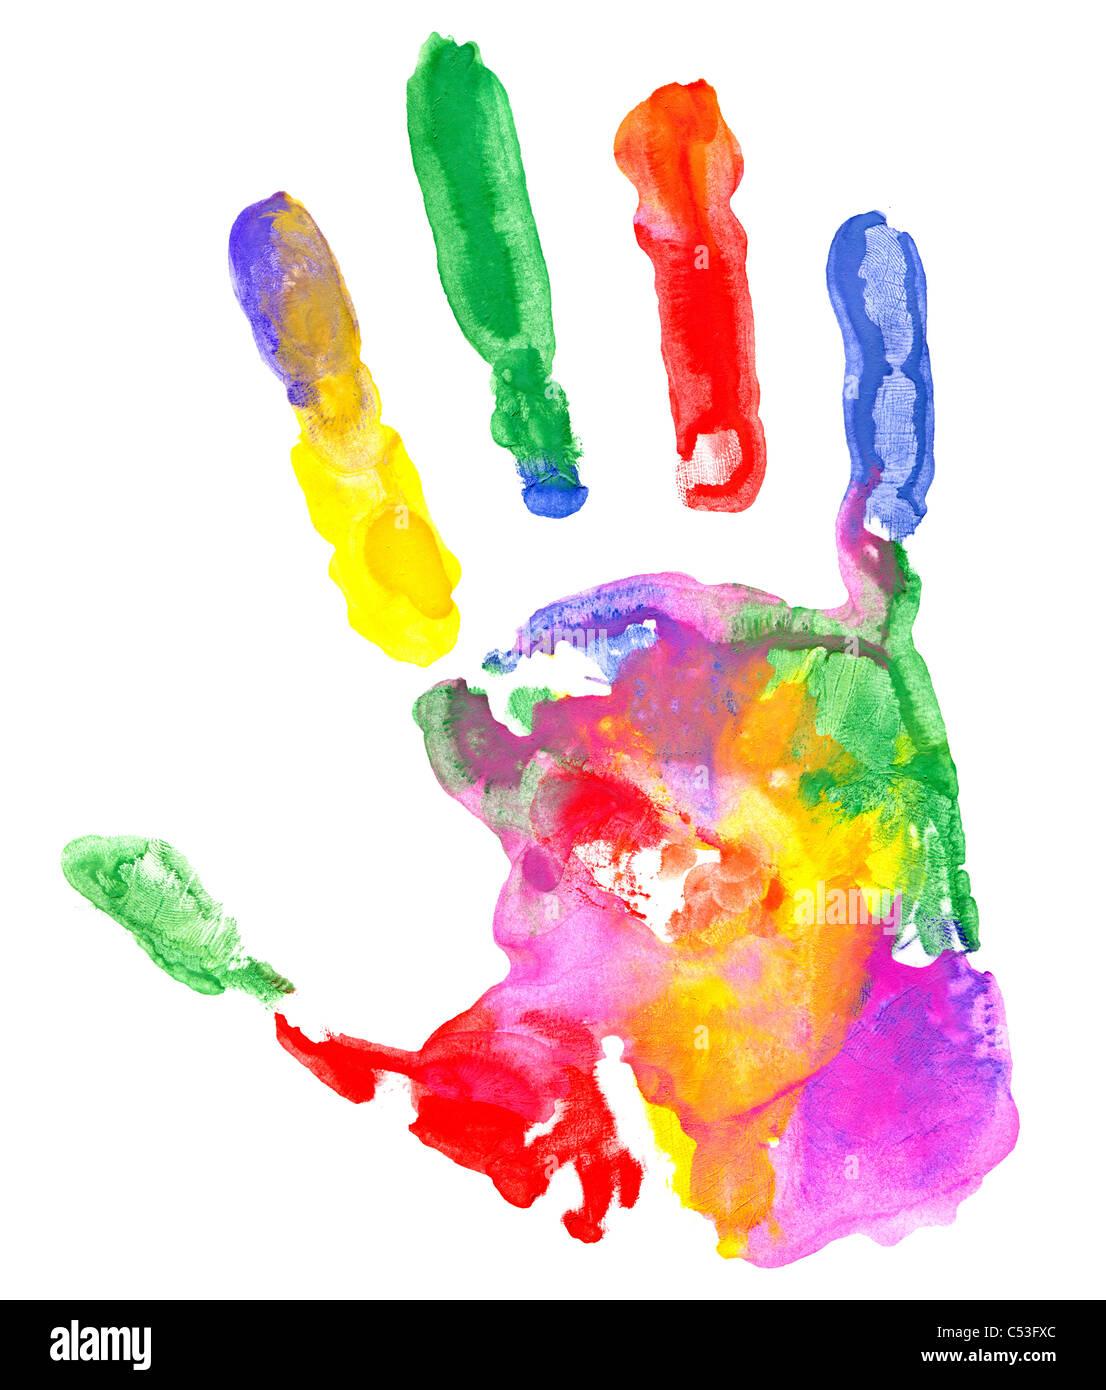 Nahaufnahme von farbigen Handabdruck auf weißem Hintergrund. Stockbild